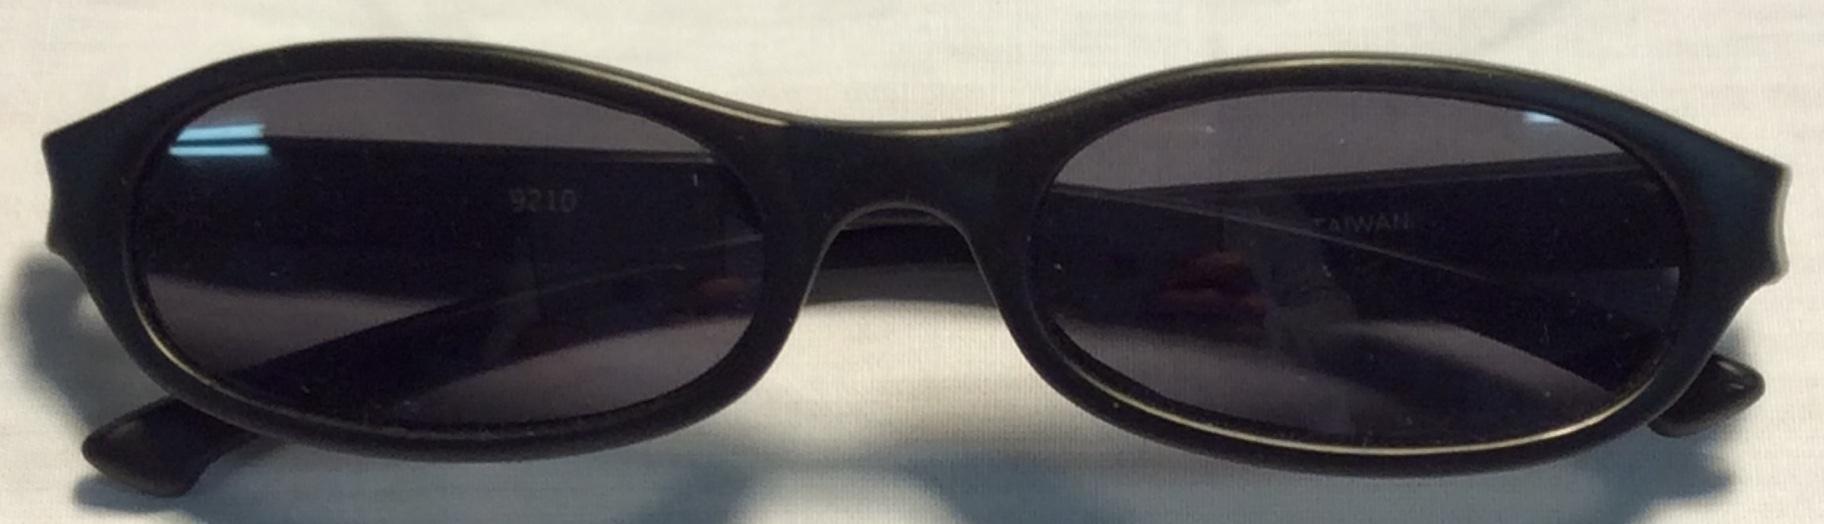 Matte black plastic frames, indent